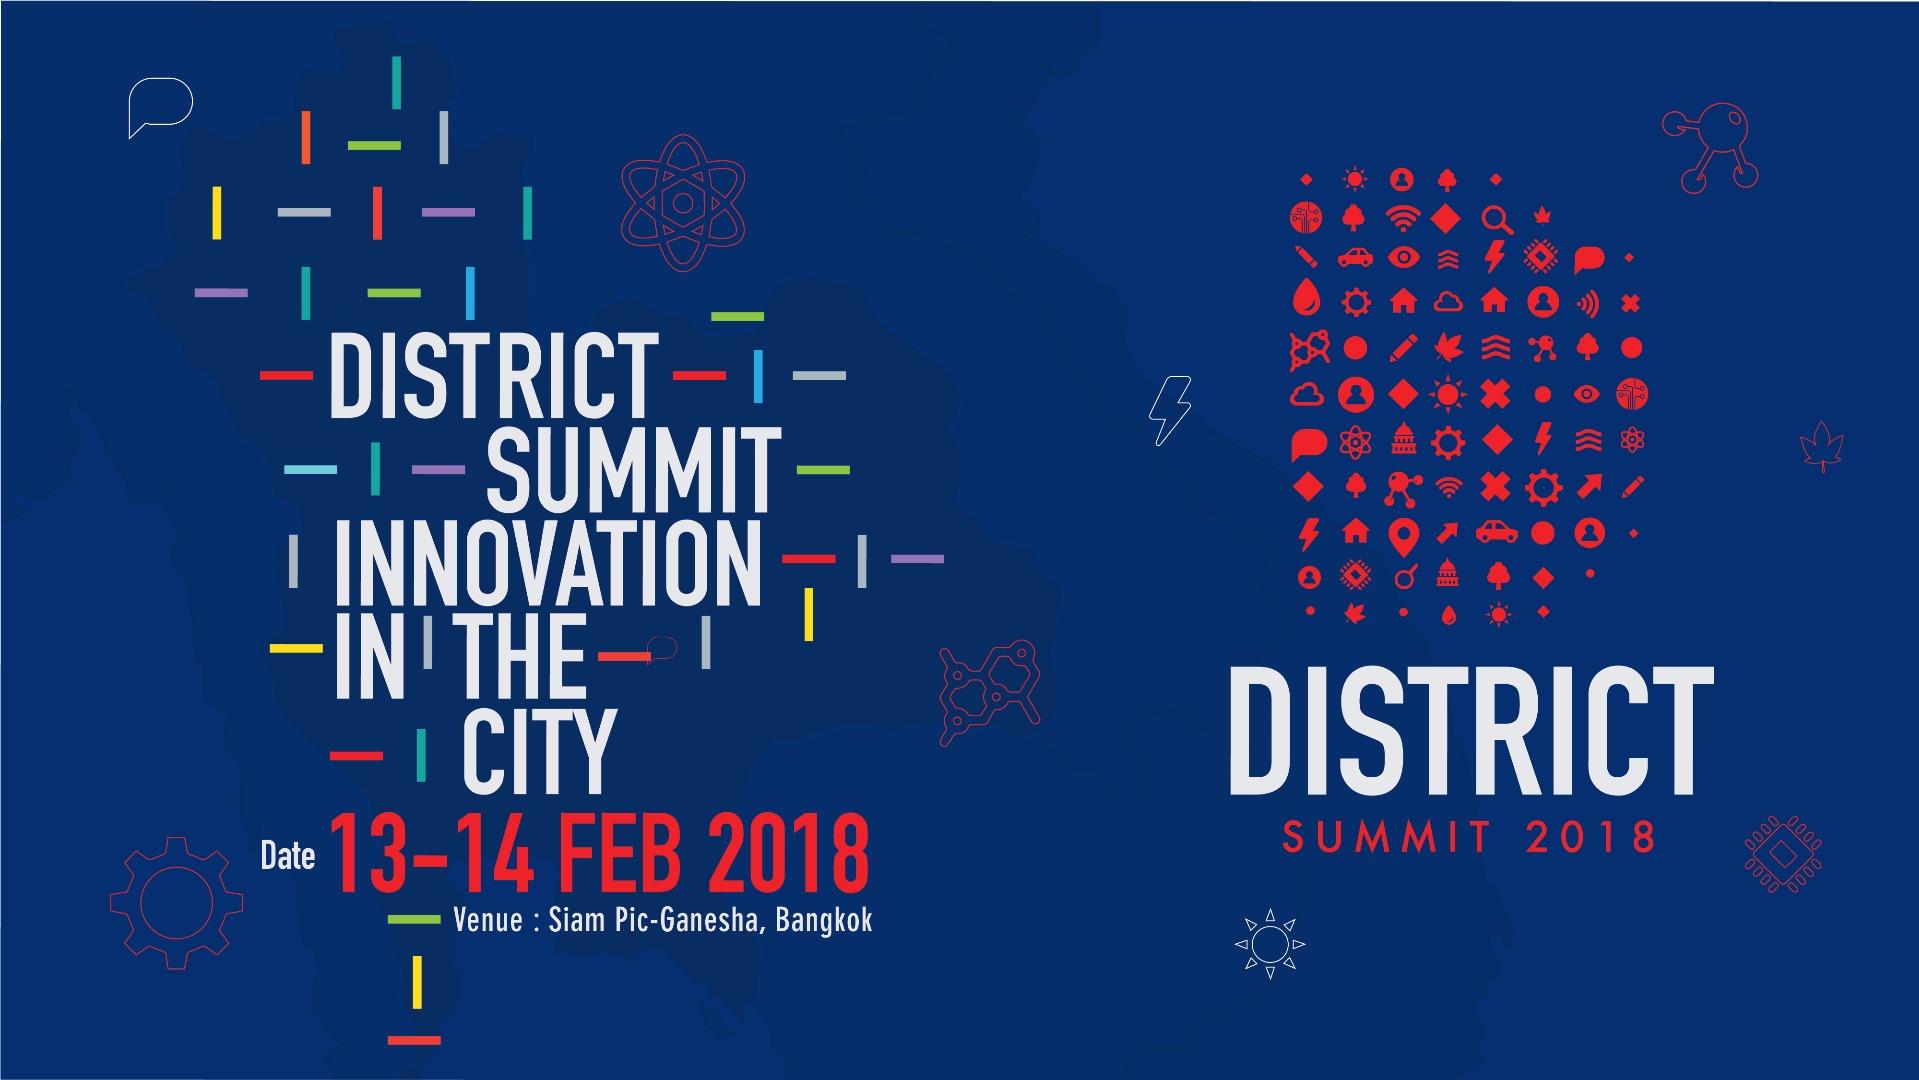 ชมย้อนหลัง District Summit 2018